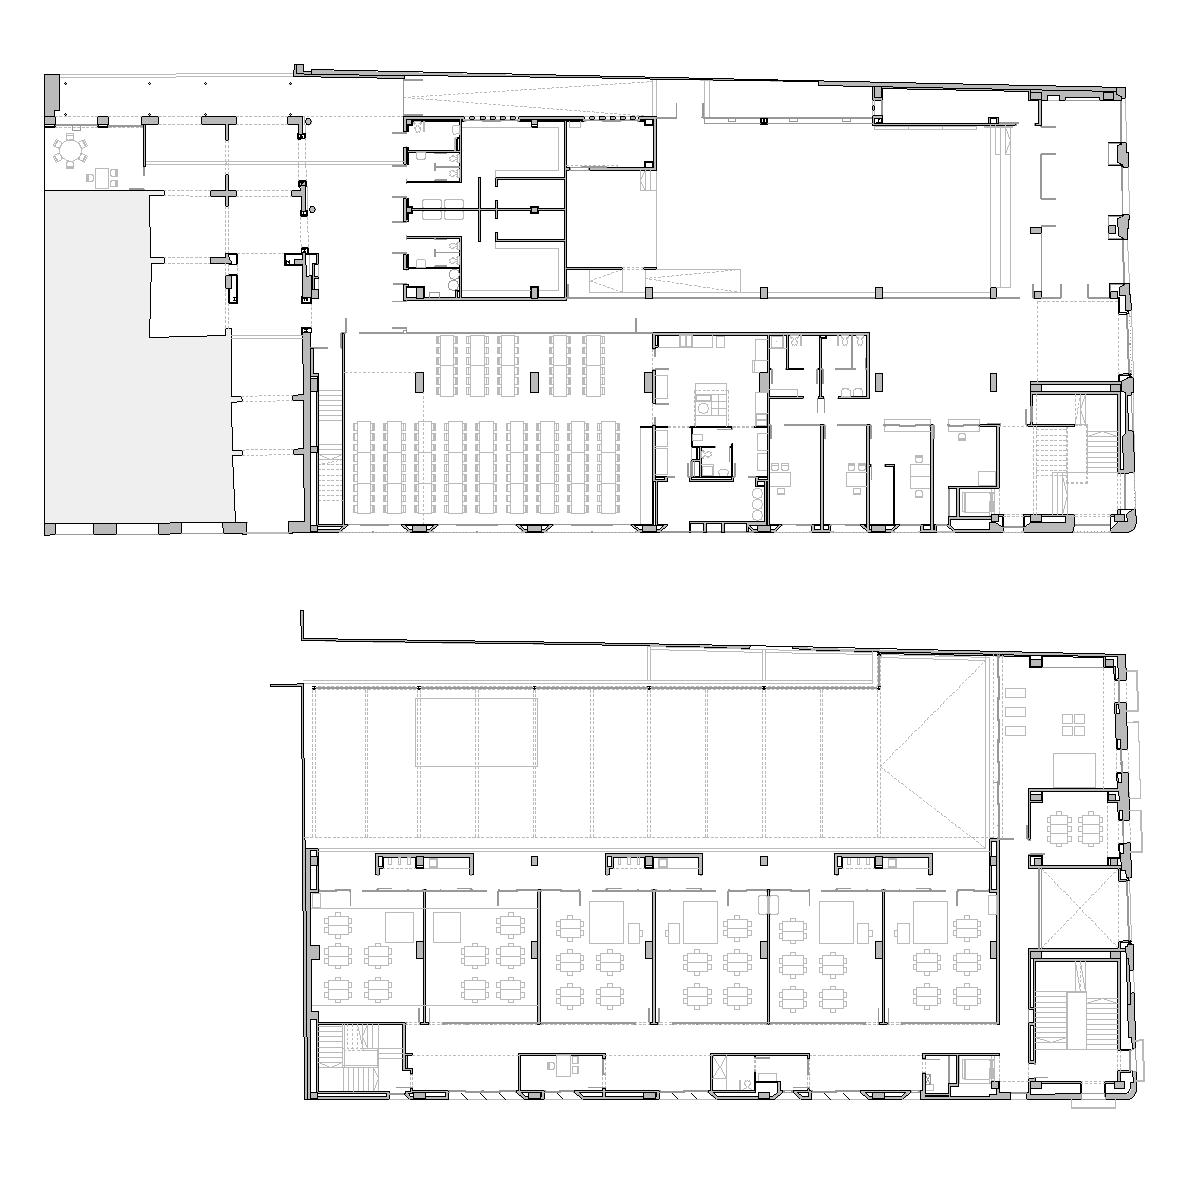 Planta baixa i planta primera escola Drassanes, Cuitat Vella, Barcelona